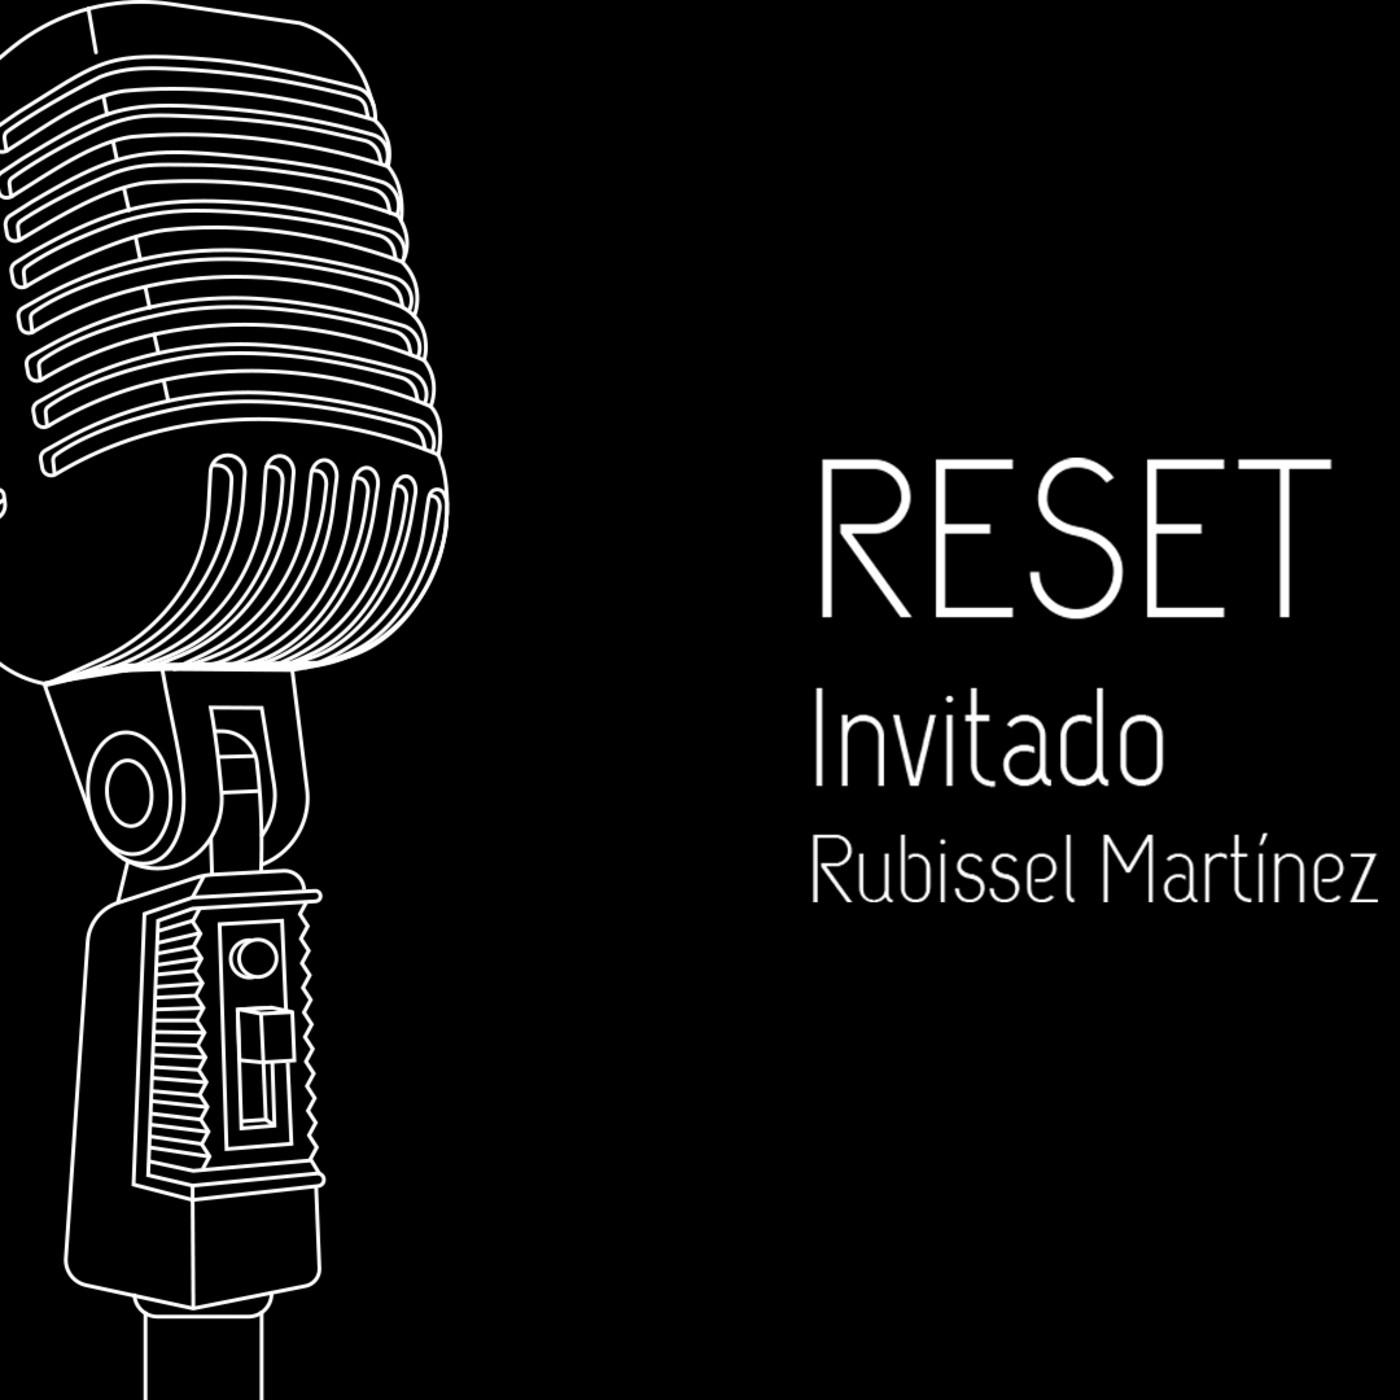 Invitado especial Rubissel Martínez - Reset - Guillermo Díaz & Daniel Villa